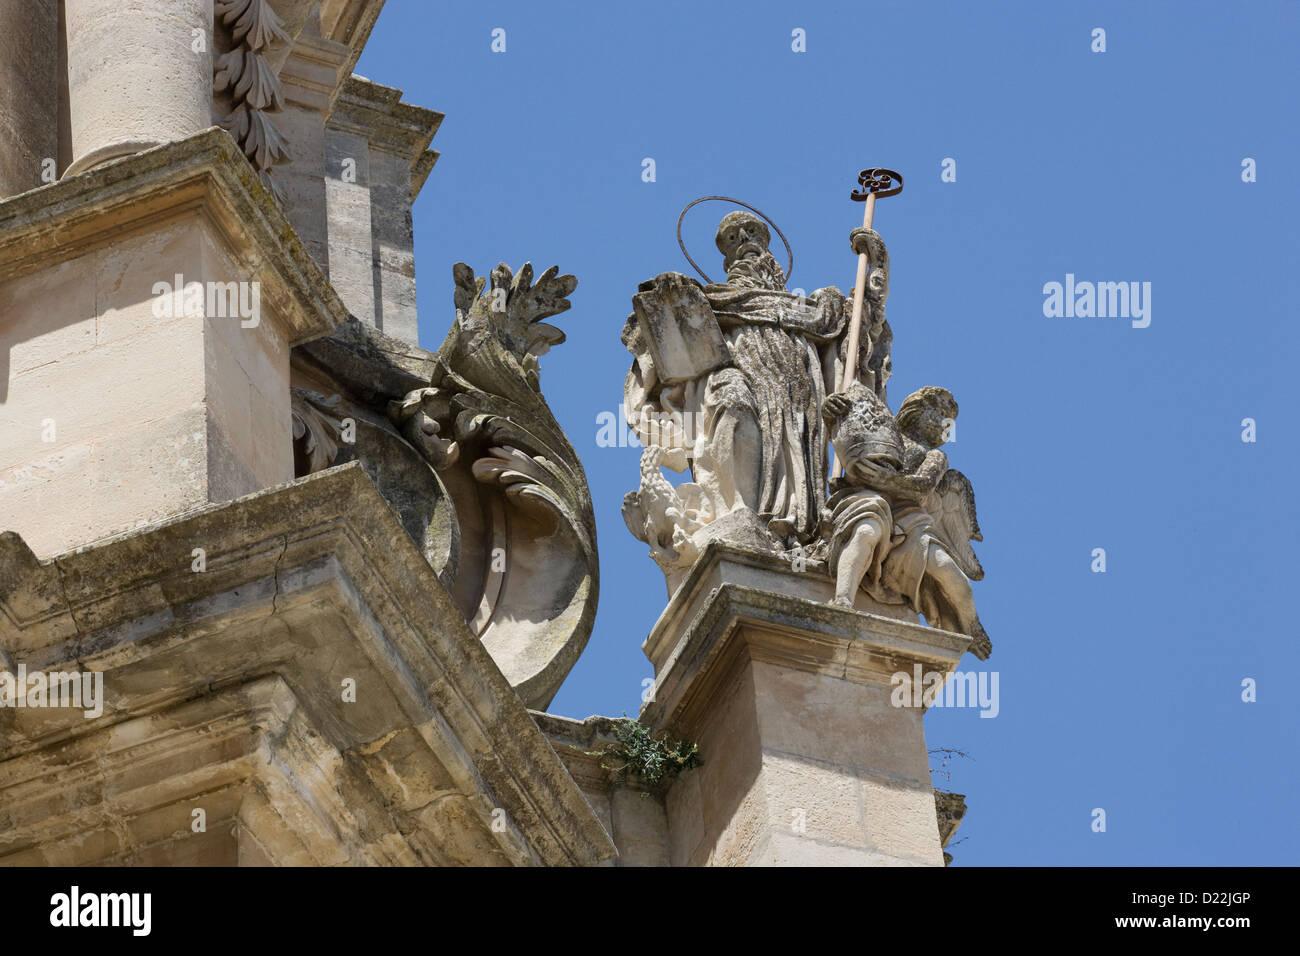 Ragusa Ibla: Corso XXV Aprile - church of San Giuseppe details - Stock Image